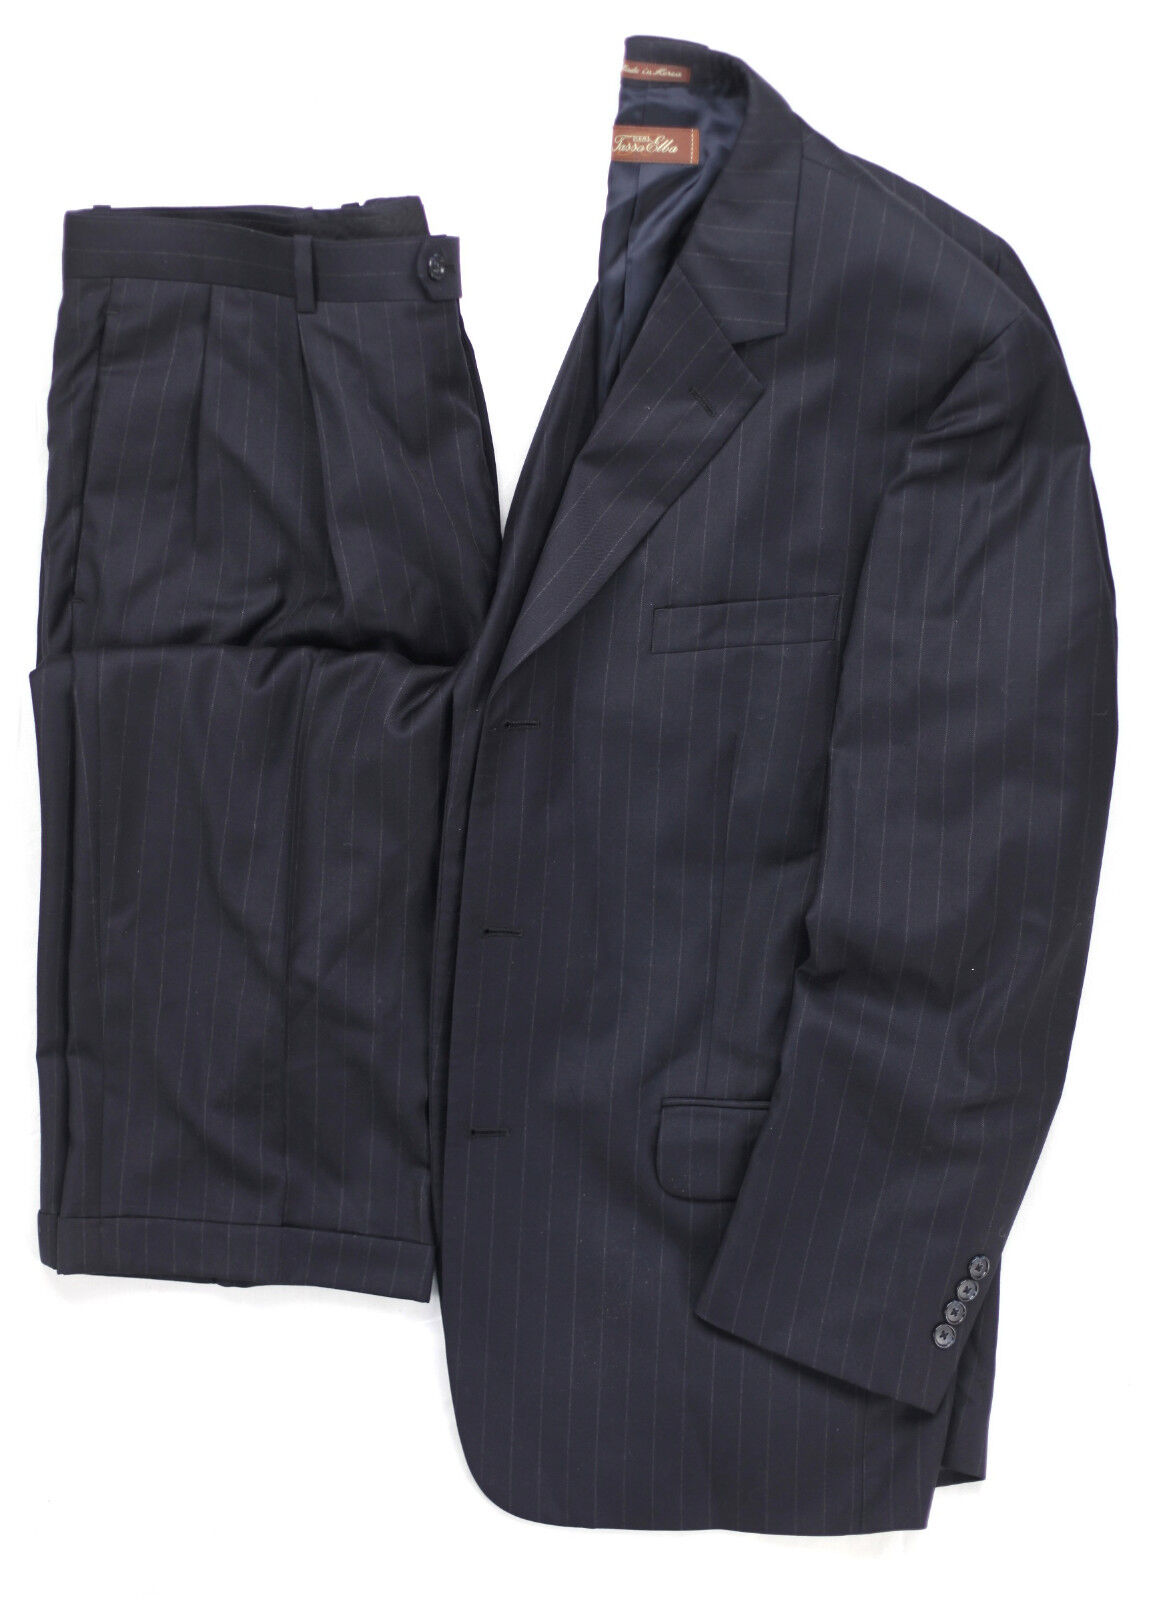 Macys Navy Pinstripe Tasso Elba Angelico Super 140s Woven in  Wool 42R Suit